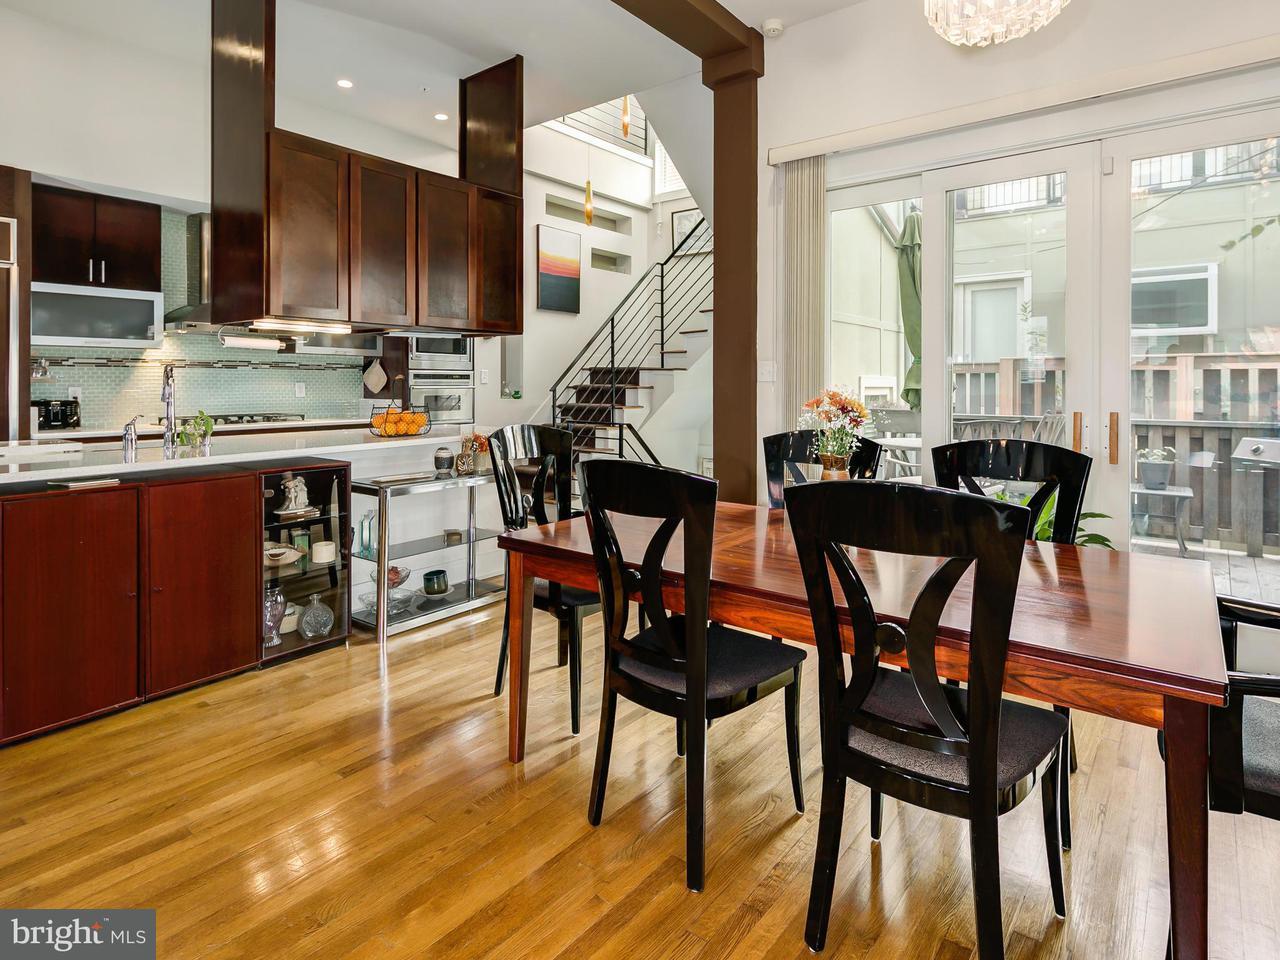 独户住宅 为 销售 在 1217 10th St Nw #C 1217 10th St Nw #C 华盛顿市, 哥伦比亚特区 20001 美国